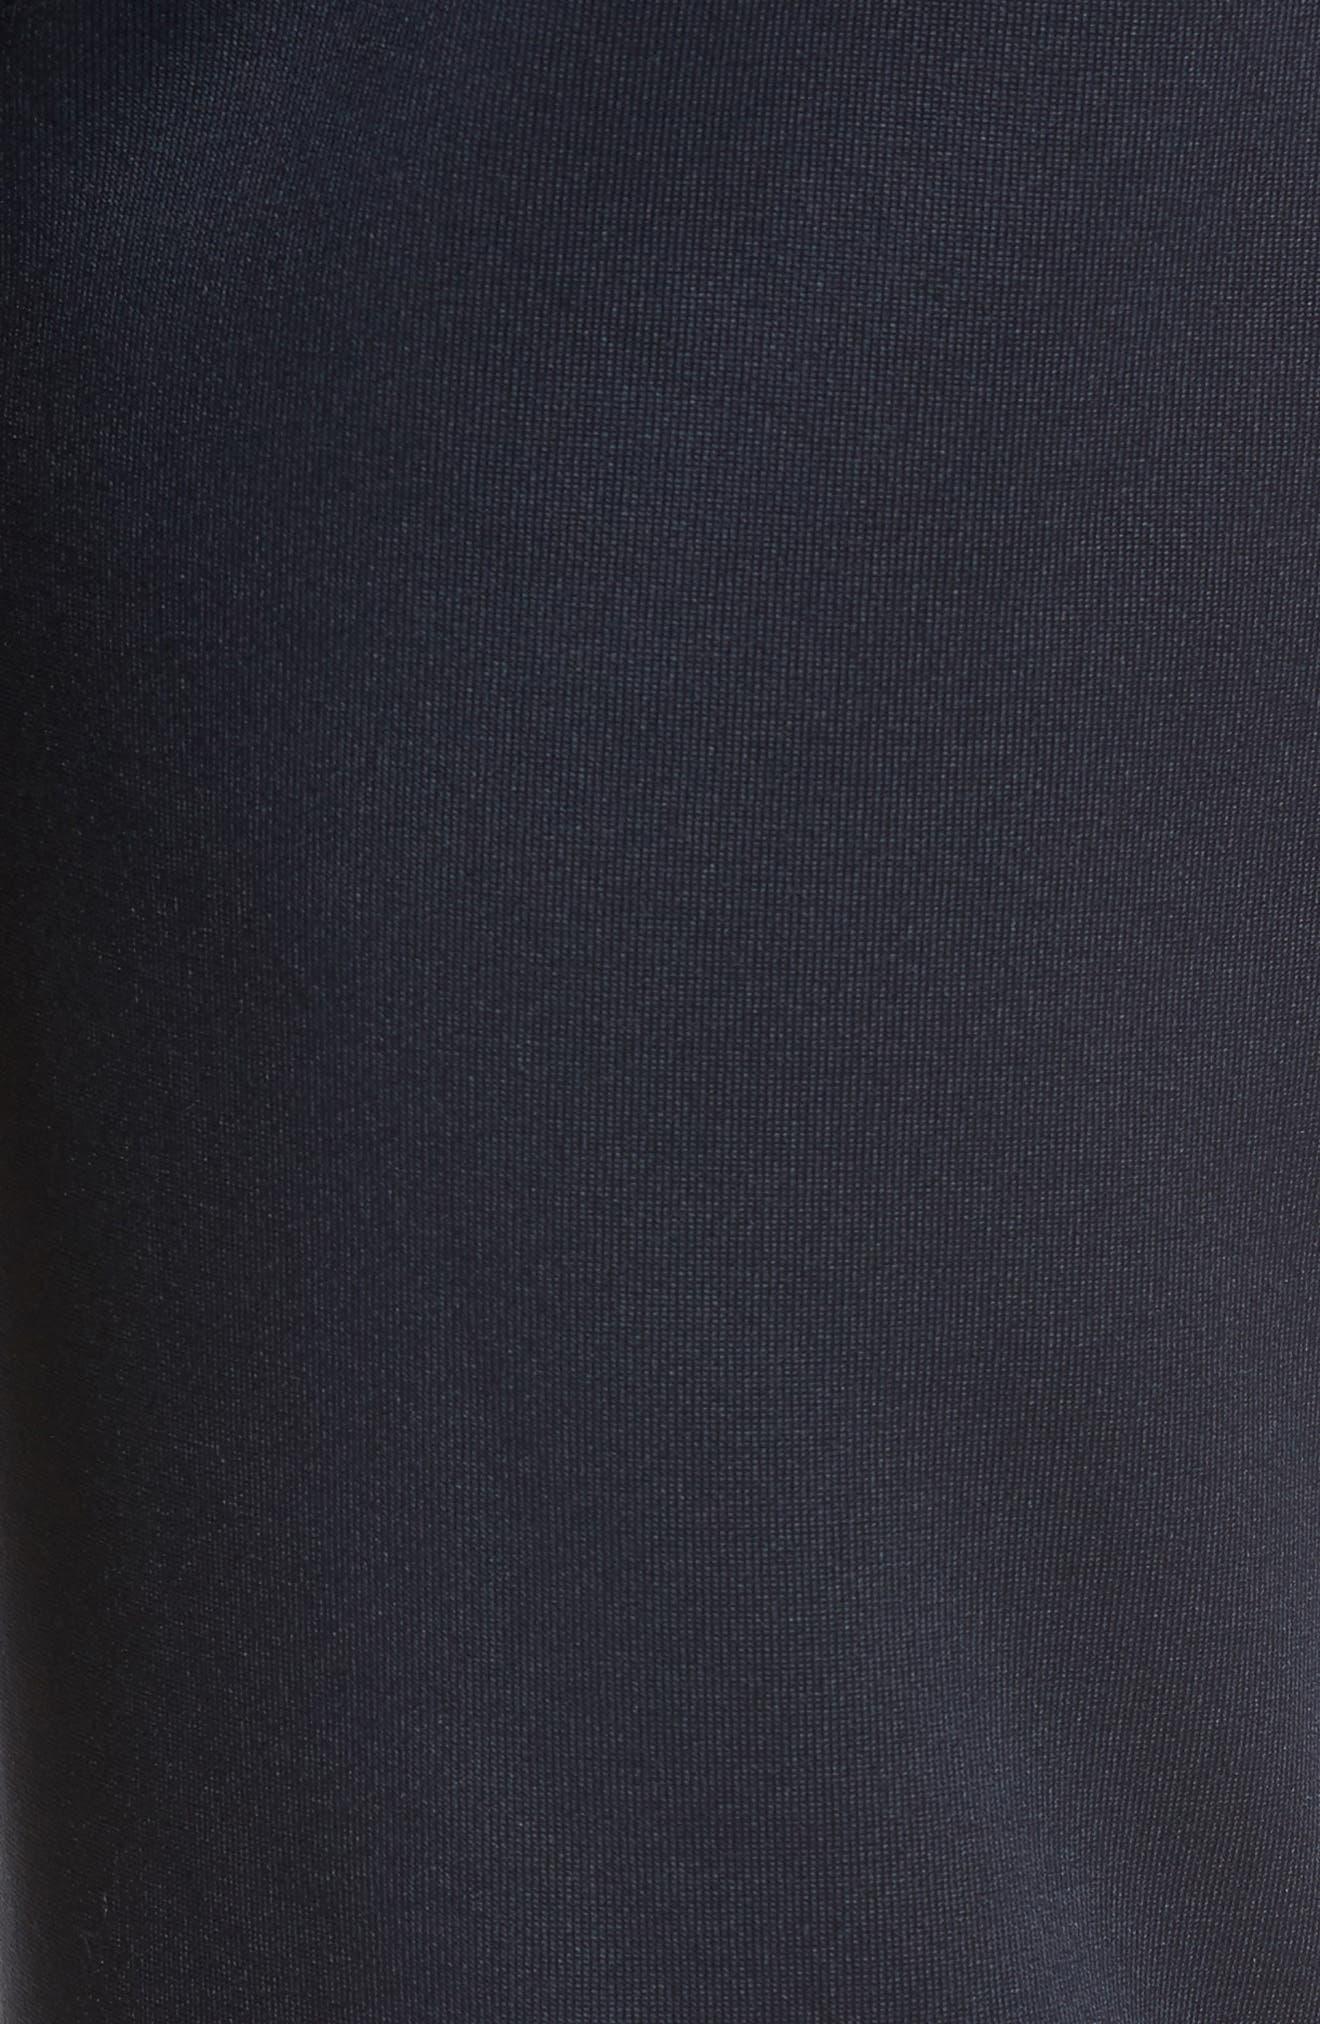 Crosstrek Pants,                             Alternate thumbnail 5, color,                             Navy Blue